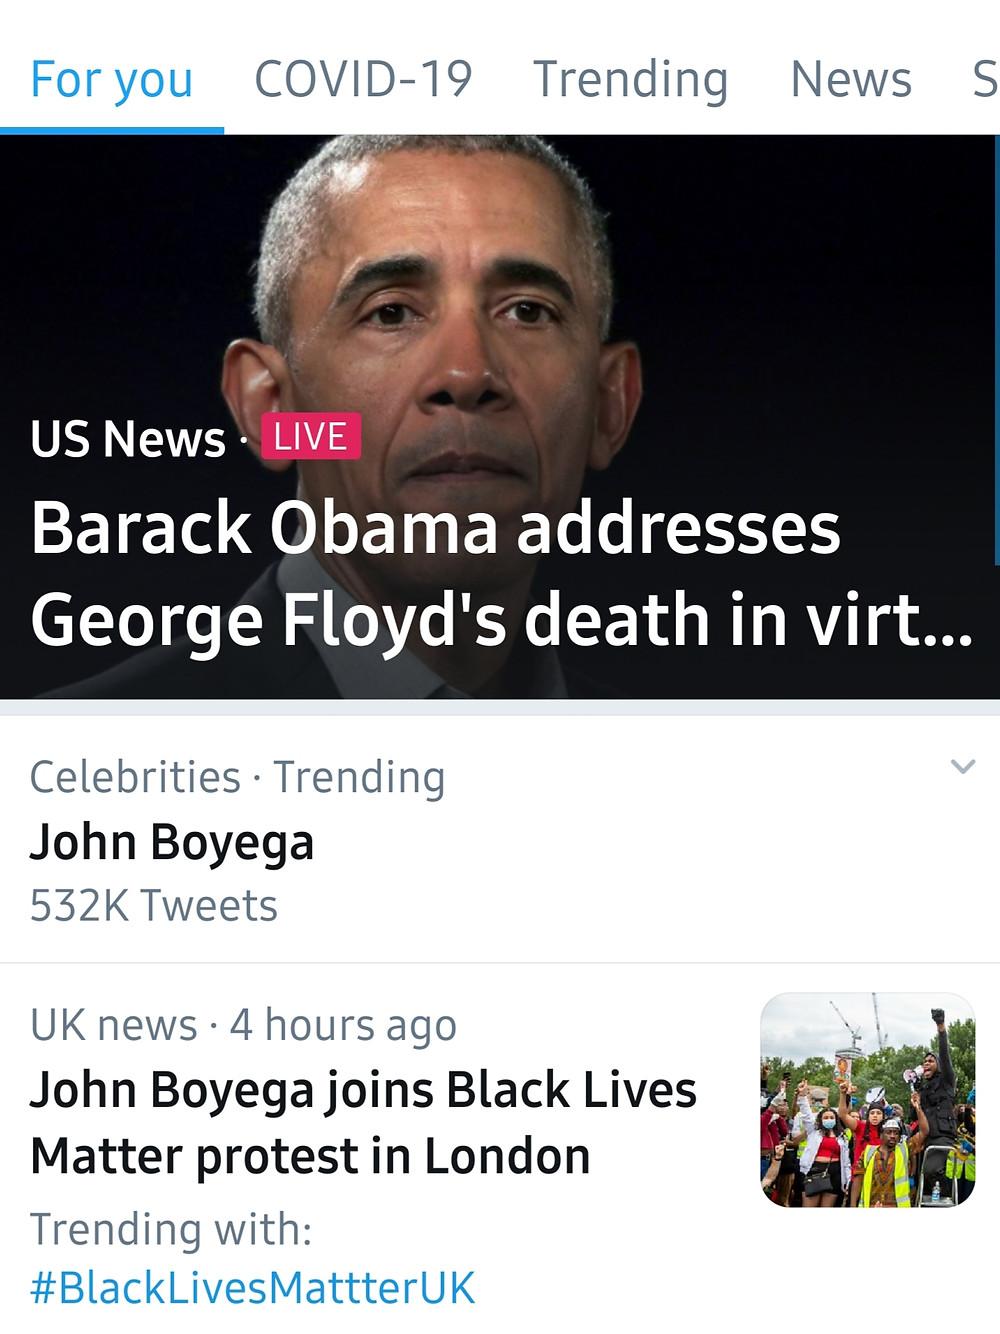 John Boyega Was Trending Alongside Former President Barack Obama on Twitter (Credit: Twitter).